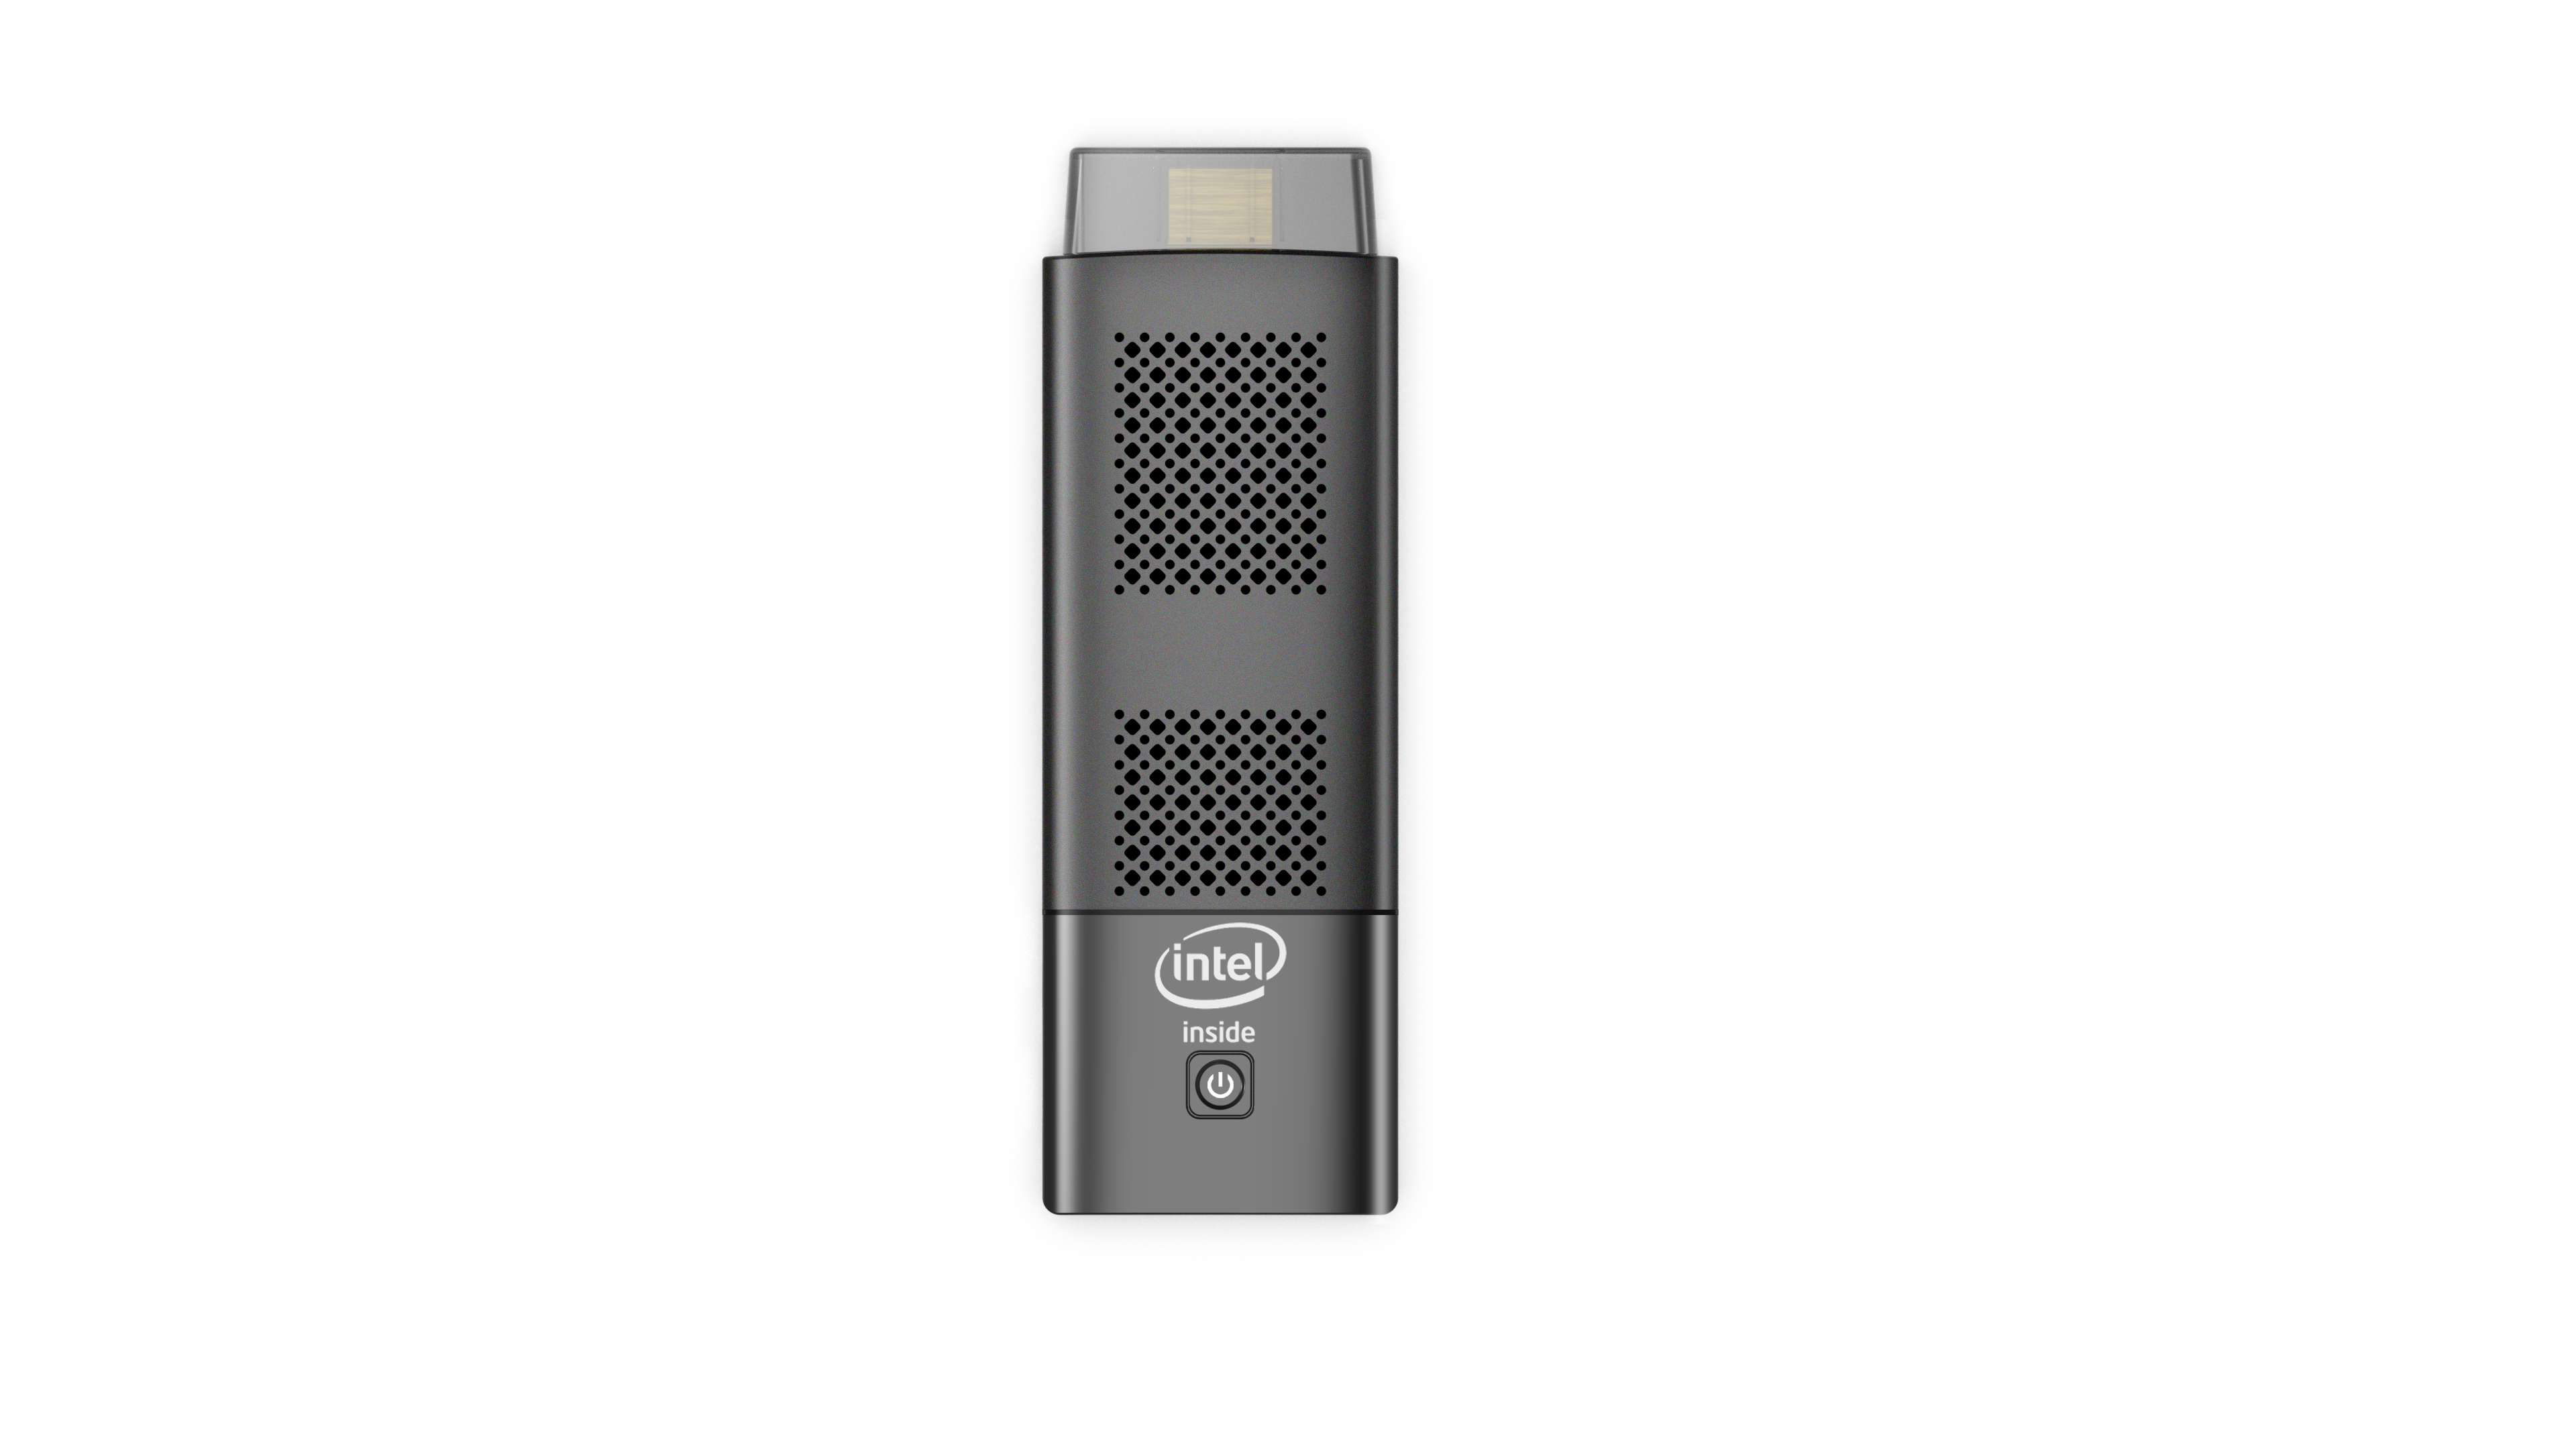 【送料無料】skynew スティック型pc 4K対応 Intel n4100/4GB/128GB 品番M1K 1台